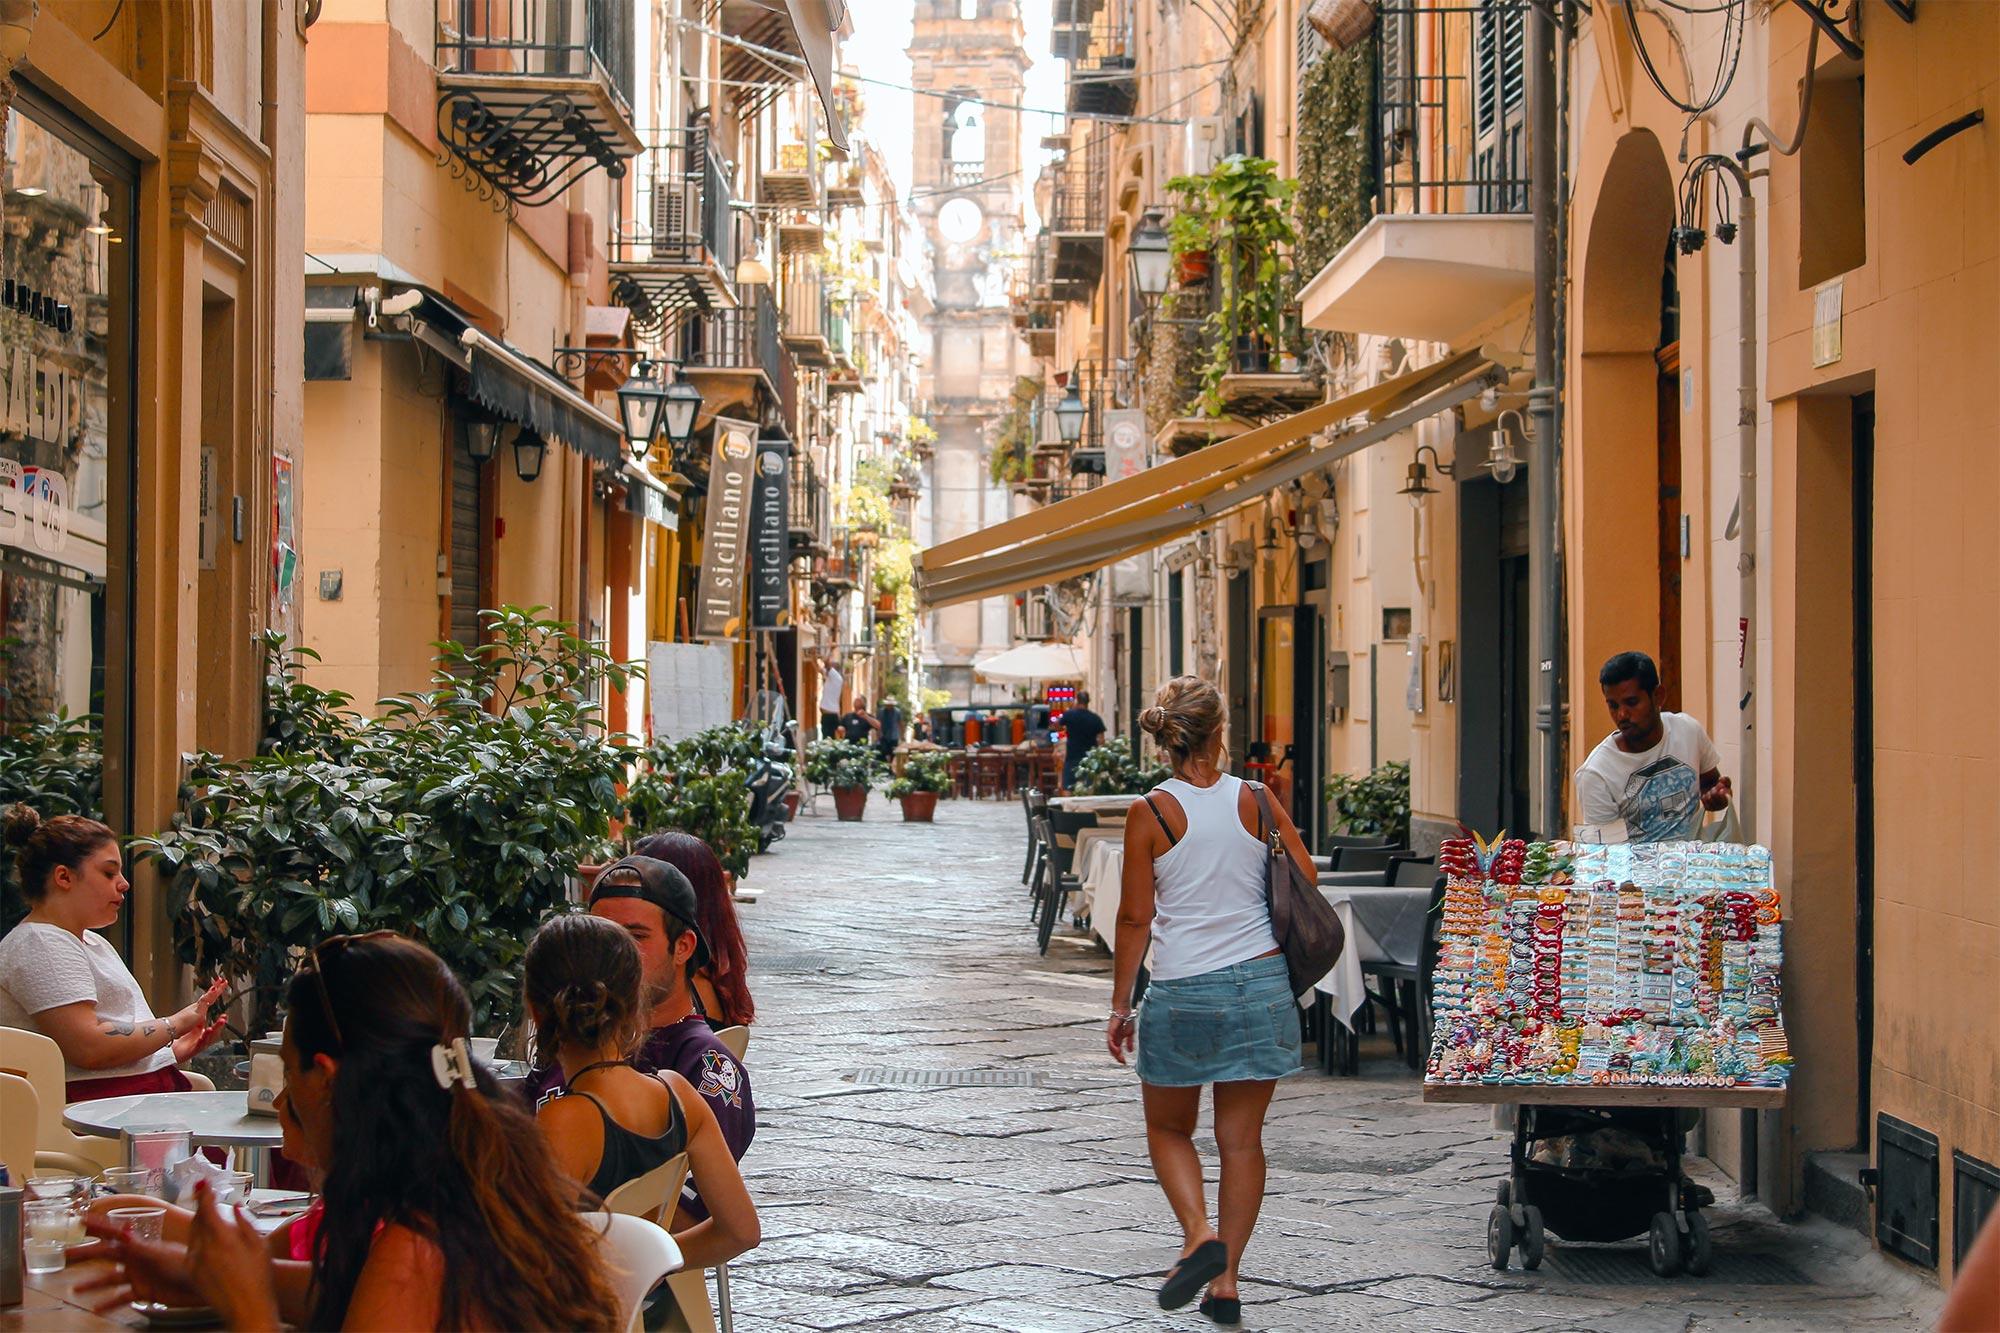 Blick in eine sizilianische Gasse